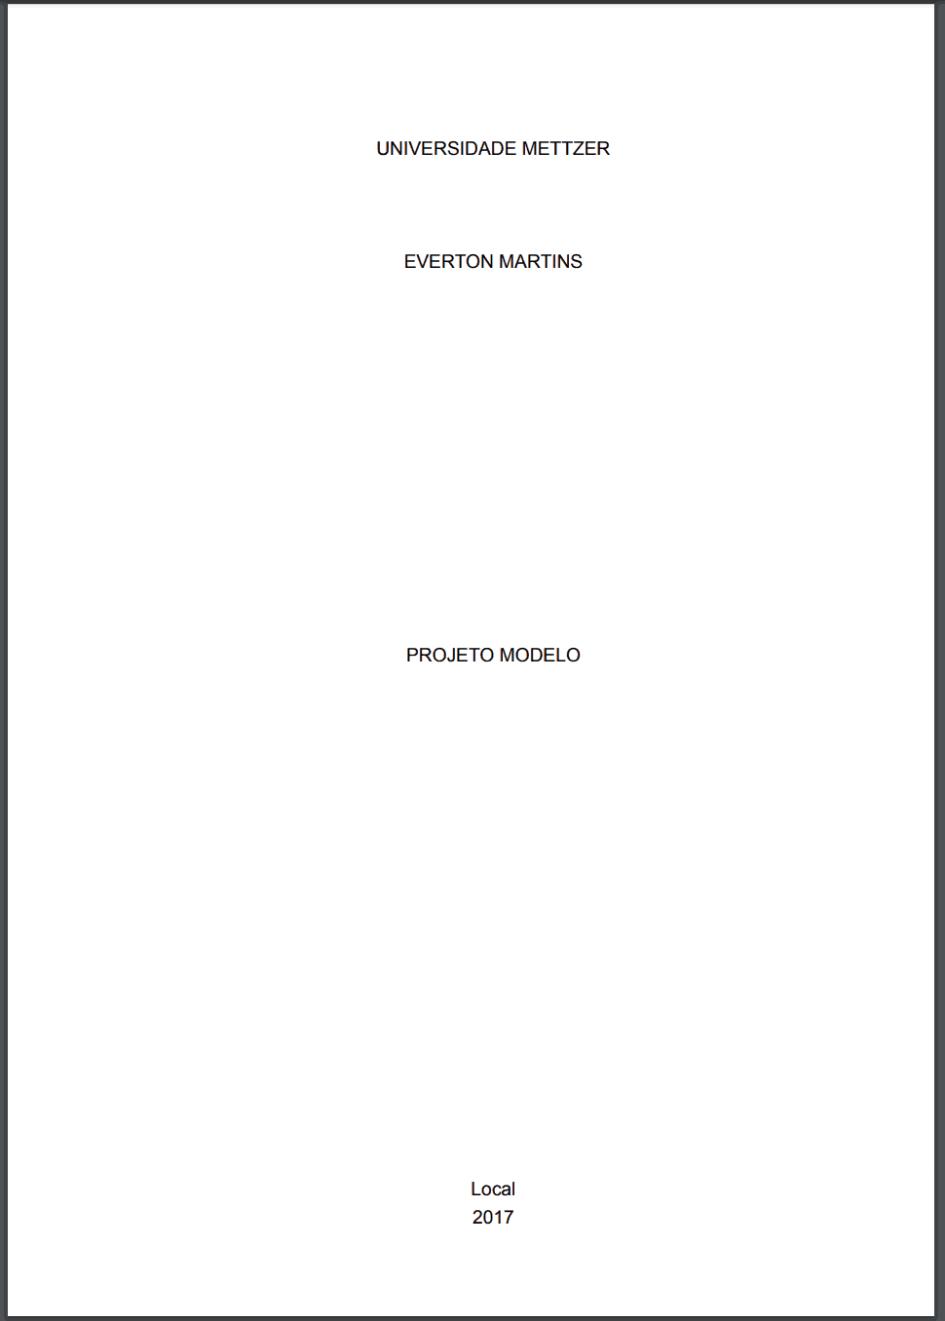 Como fazer uma dissertação academica